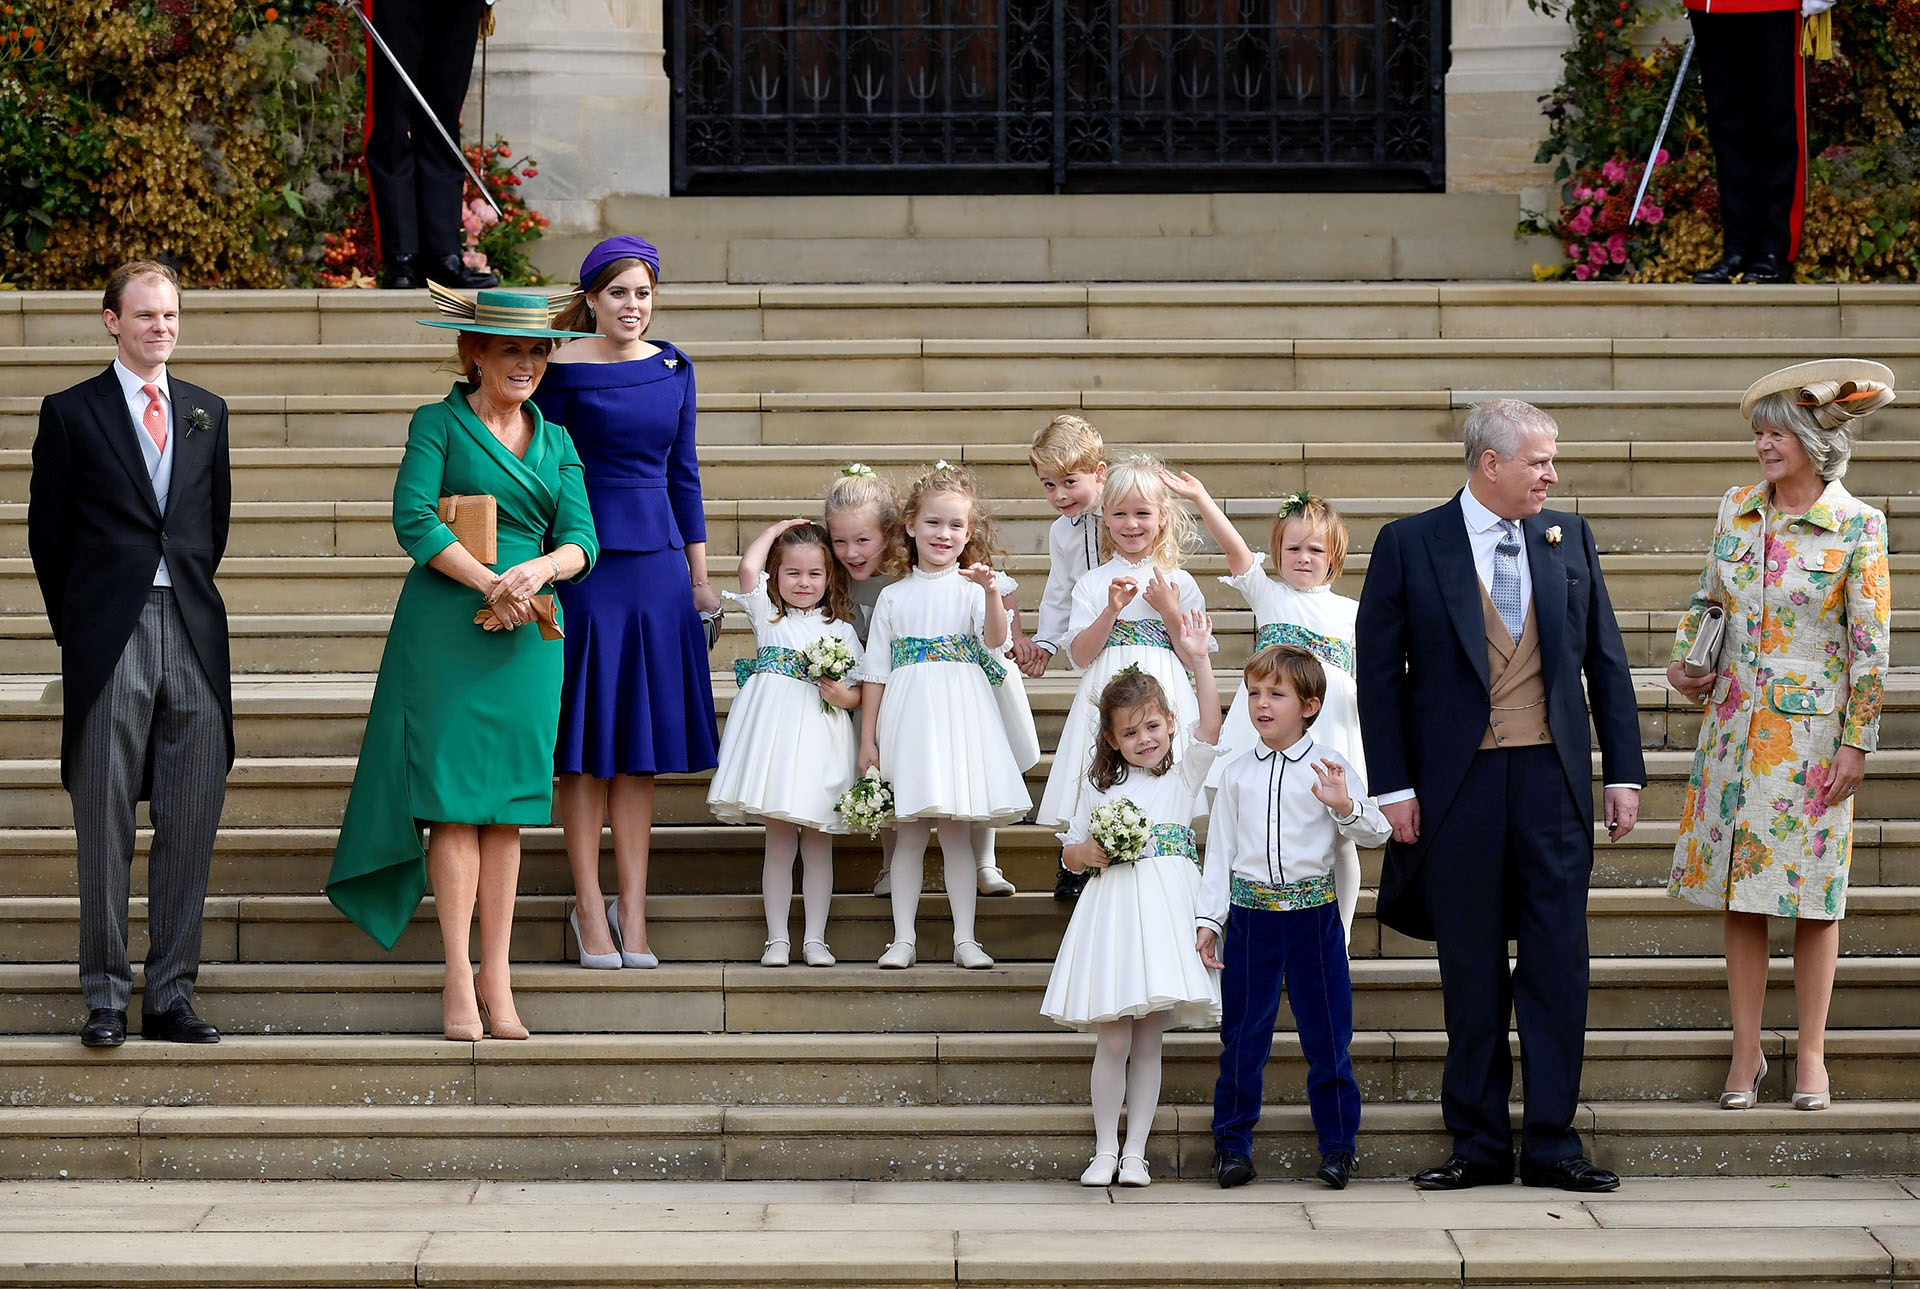 Sarah Ferguson, la princesa Beatrice, el cortejo y el príncipe Andrew saludan a la multitud